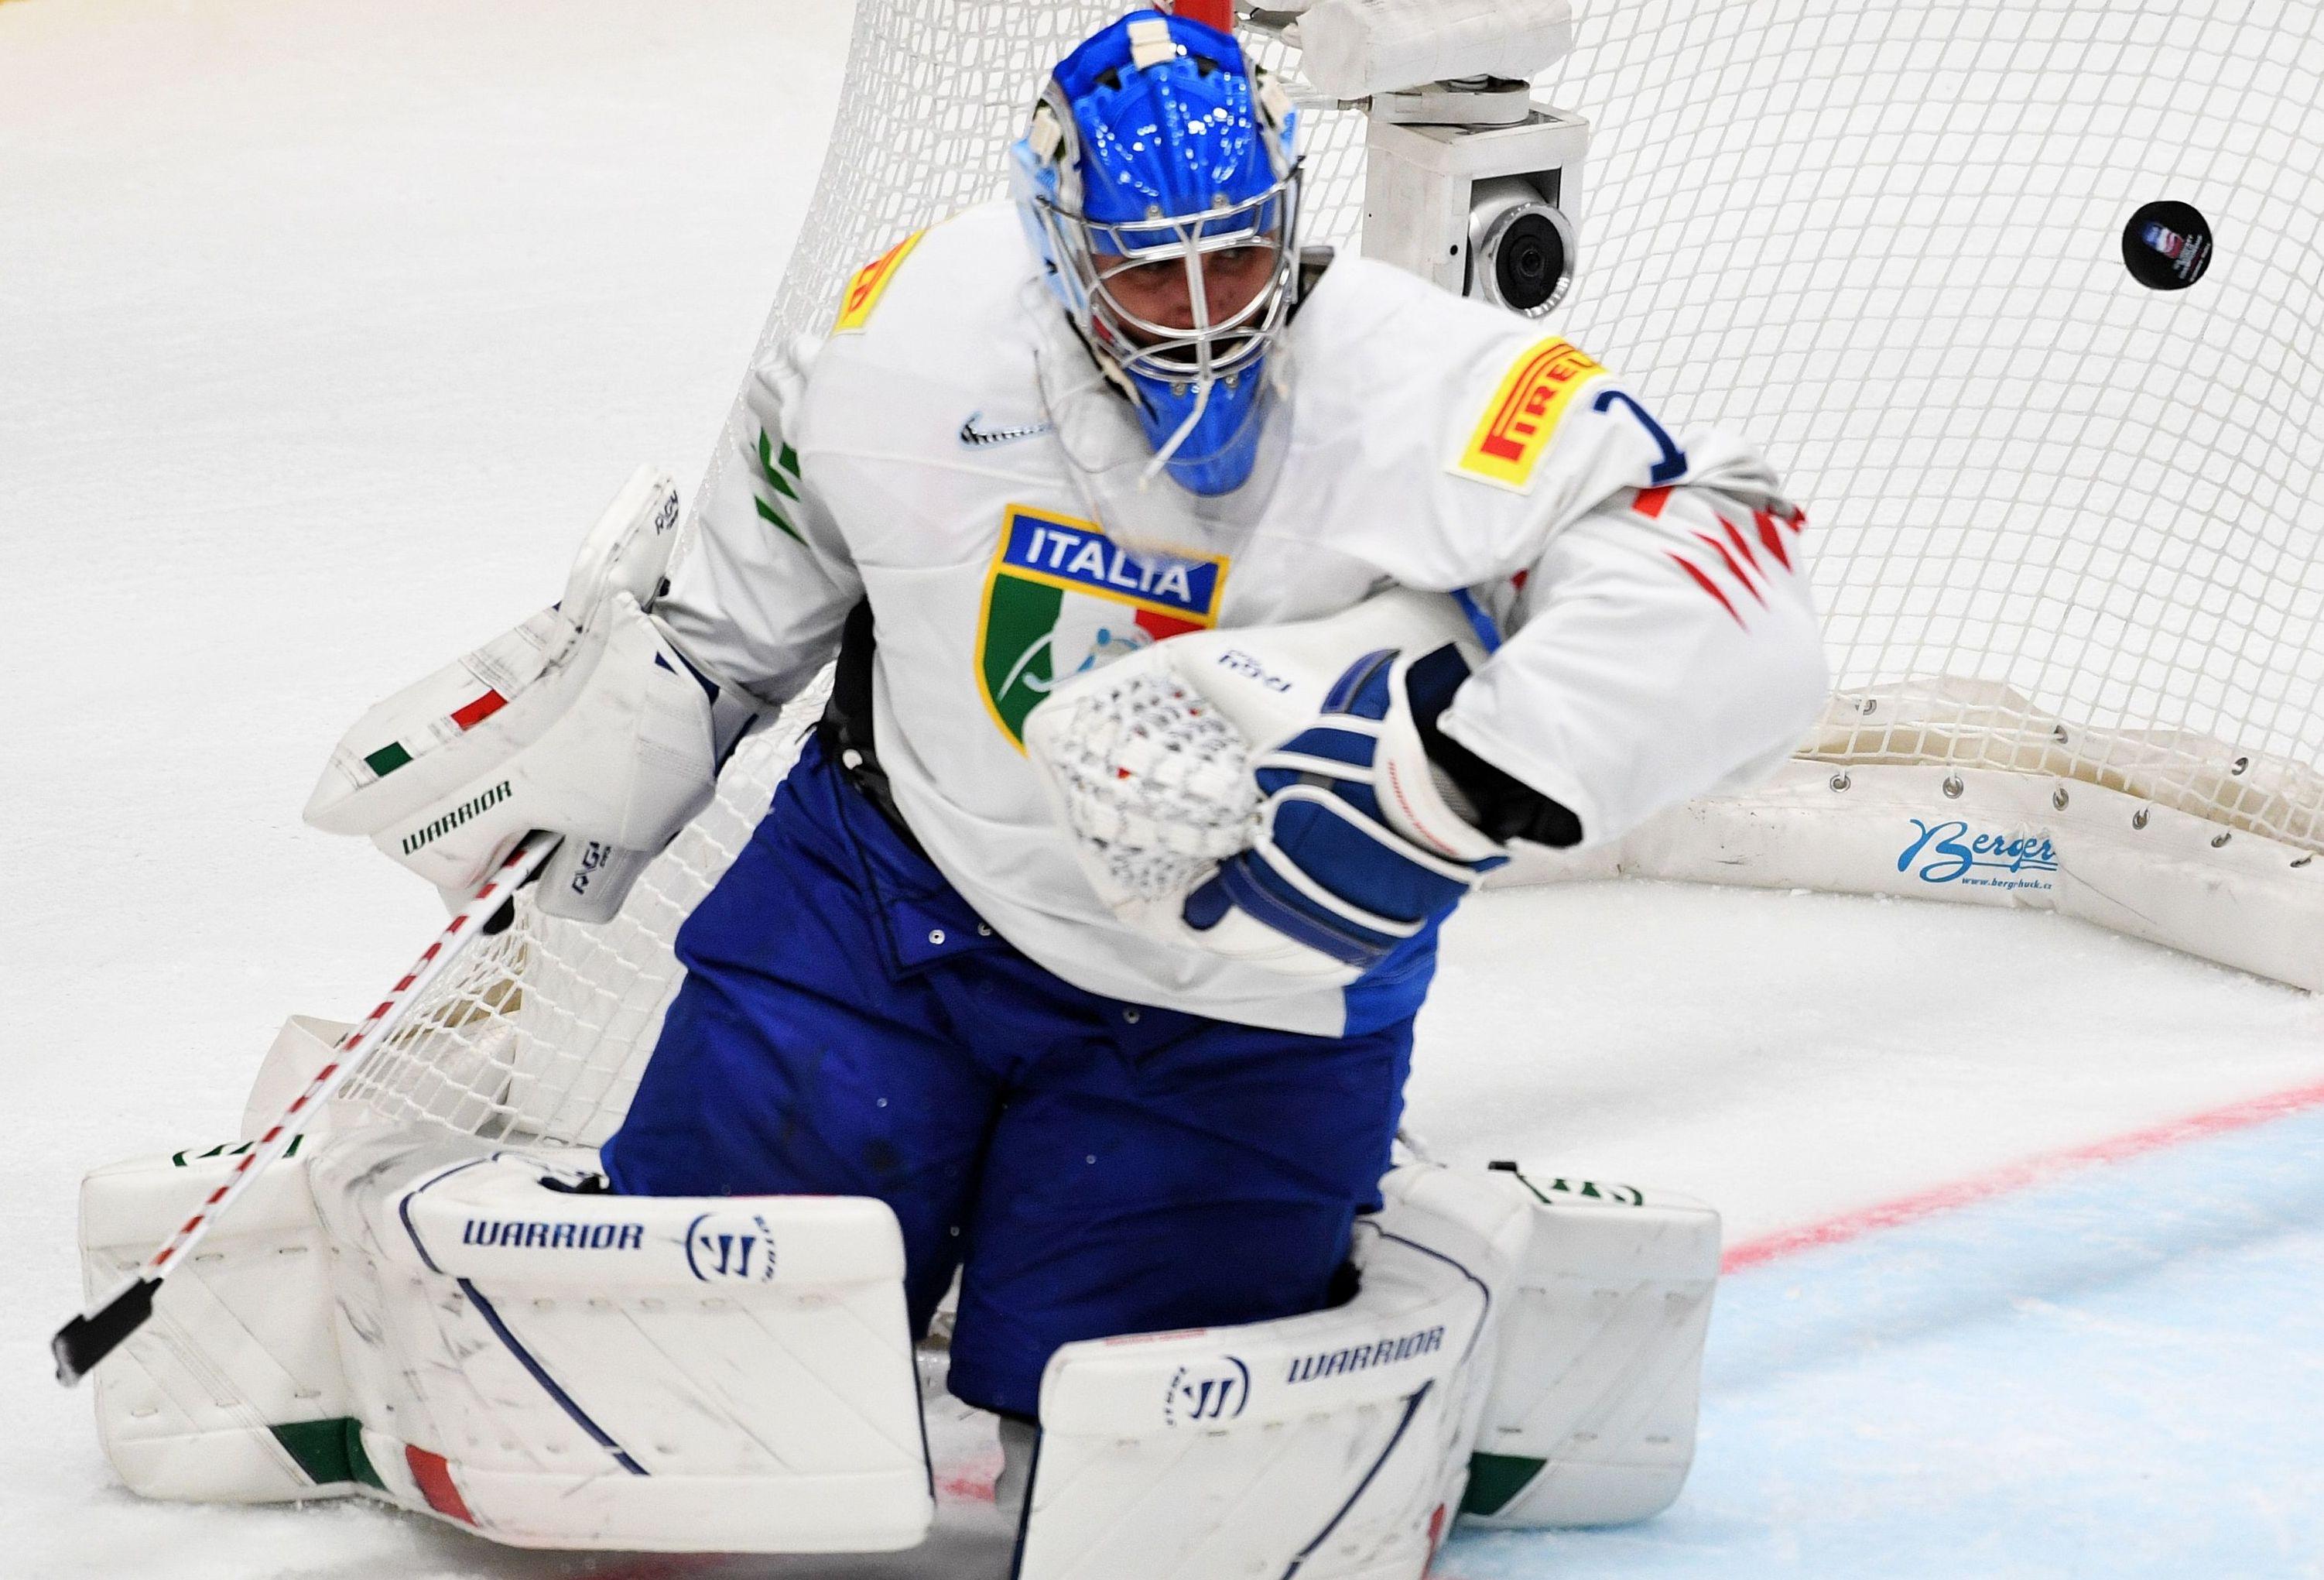 Il portiere della nazionale italiana di hockey Andreas Bernard